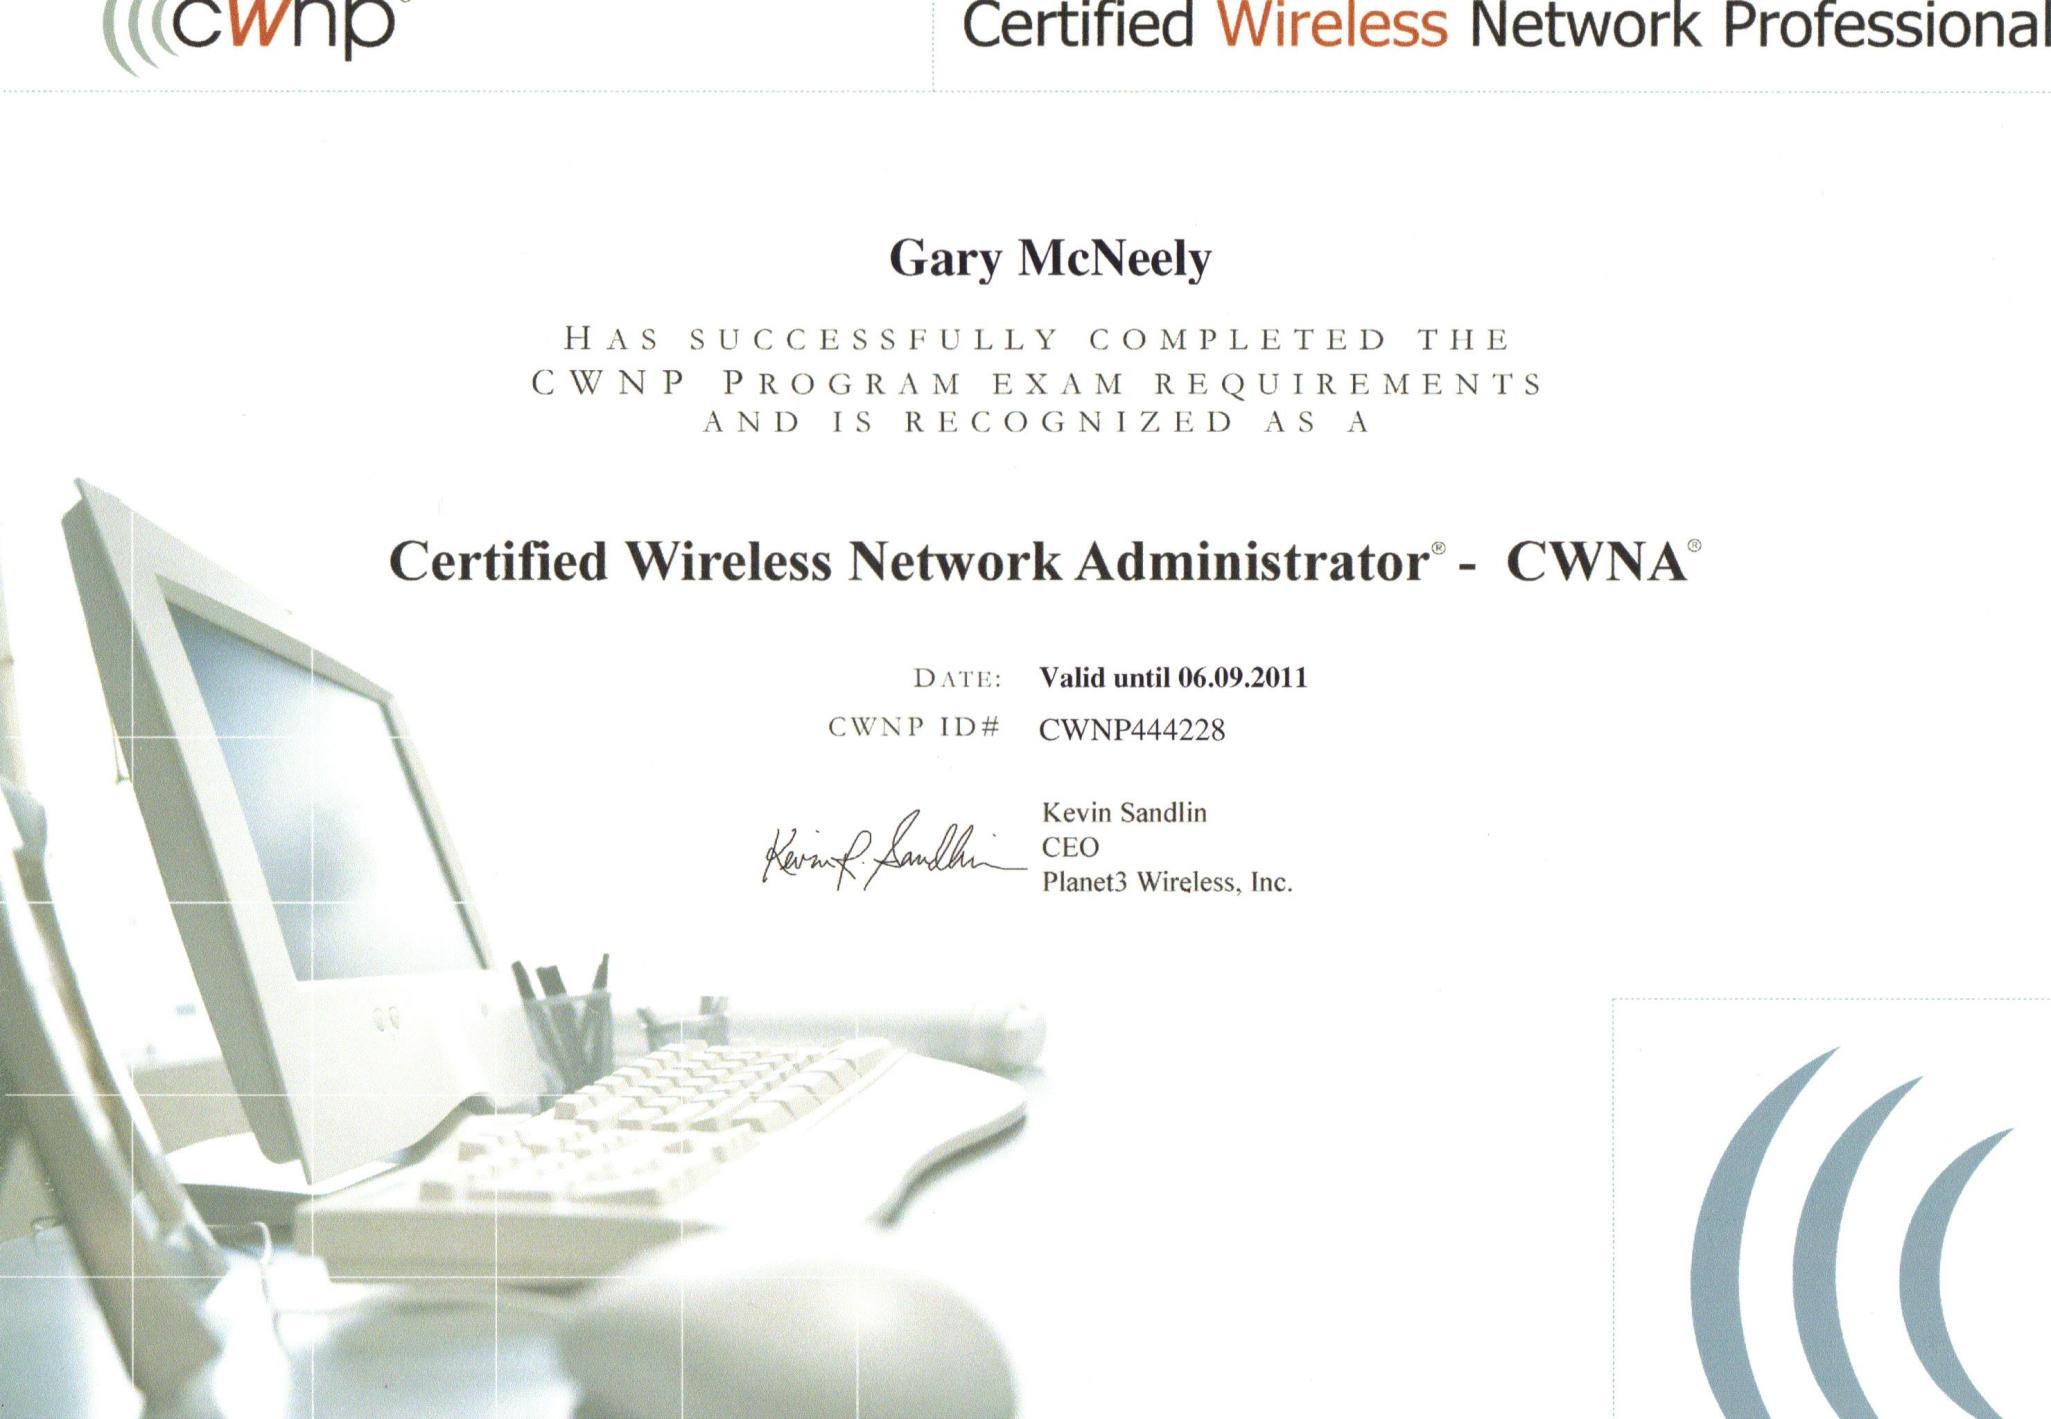 CWNP.jpg